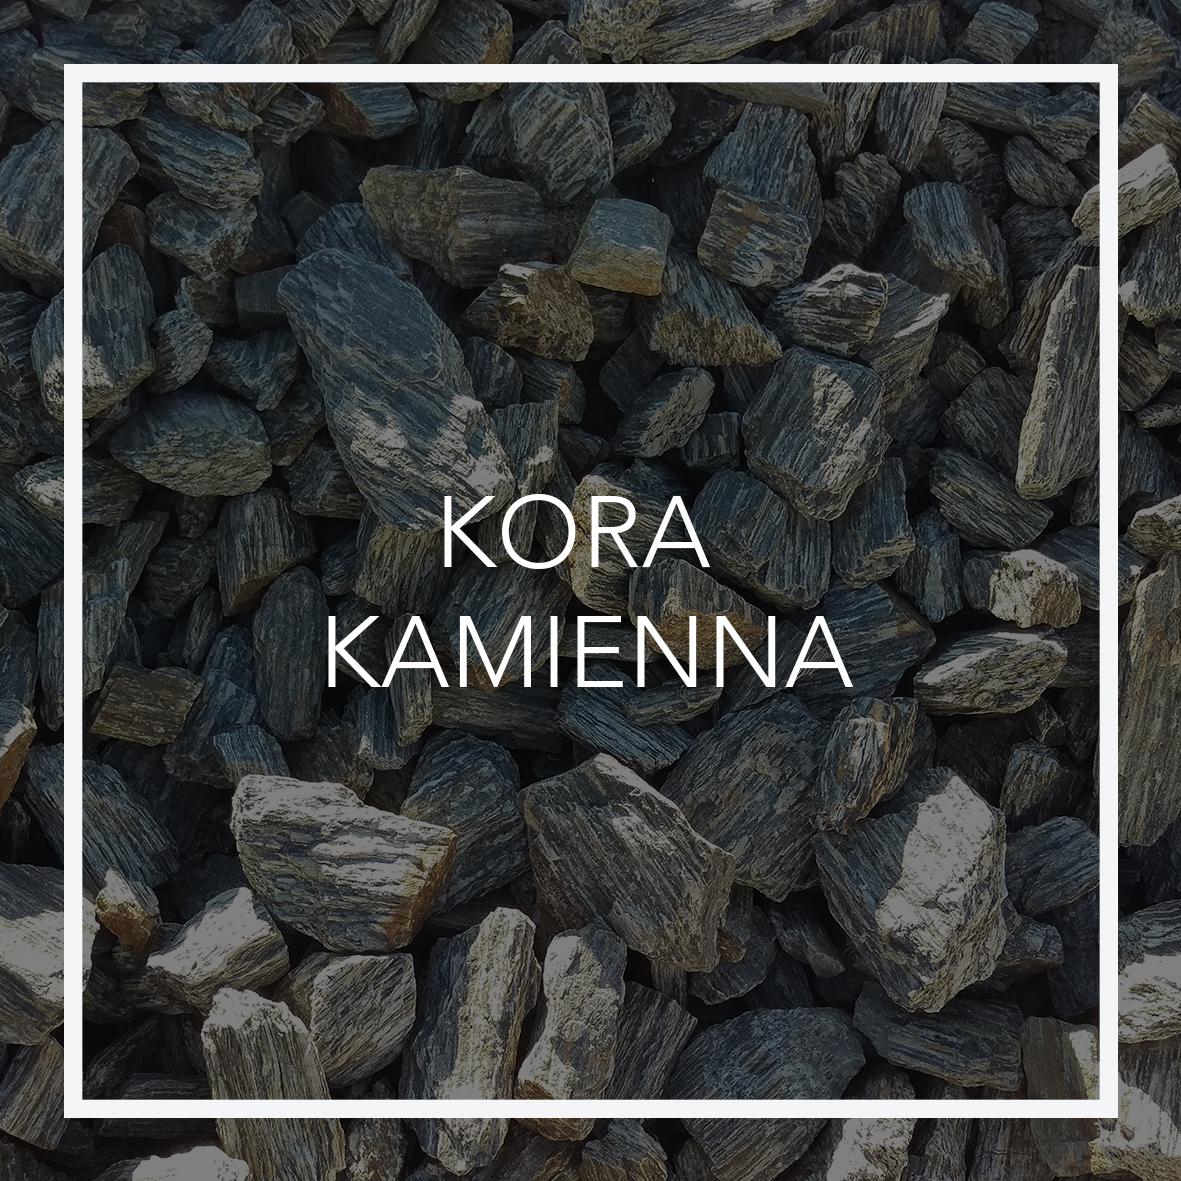 KORA_KAMIENNA_2